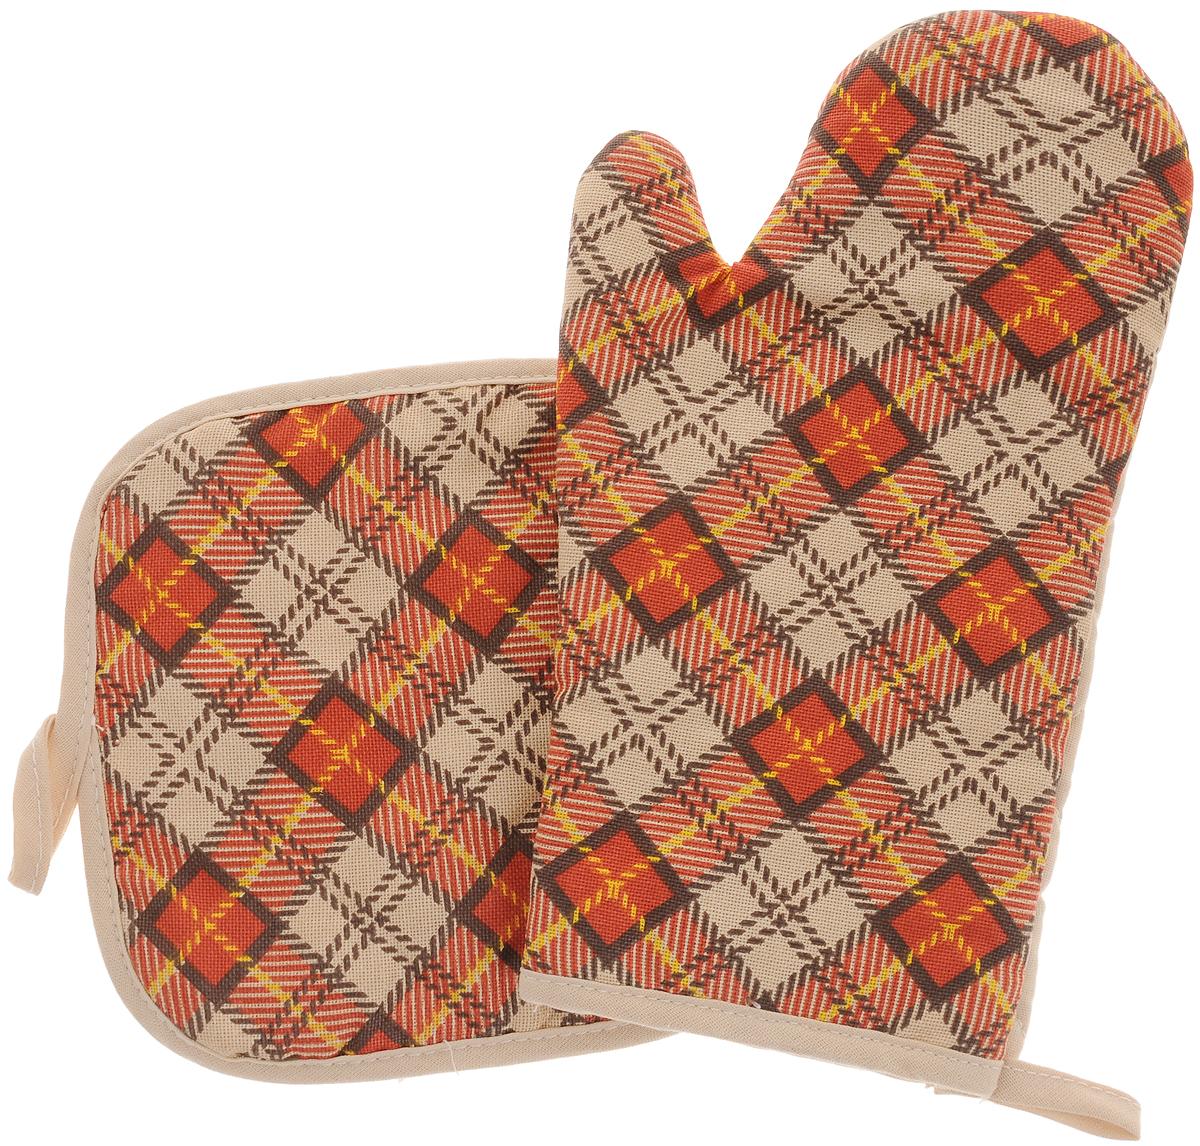 Набор прихваток Bonita Принц Уэльский, 2 предмета1004900000360Набор Bonita Принц Уэльский состоит из прихватки-рукавицы и квадратной прихватки. Изделия выполнены из натурального хлопка и декорированы оригинальным рисунком. Прихватки простеганы, а края окантованы. Оснащены специальными петельками, за которые их можно подвесить на крючок в любом удобном для вас месте. Такой набор красиво дополнит интерьер кухни. Размер прихватки-рукавицы: 16 х 28 см.Размер прихватки: 17 х 17 см.